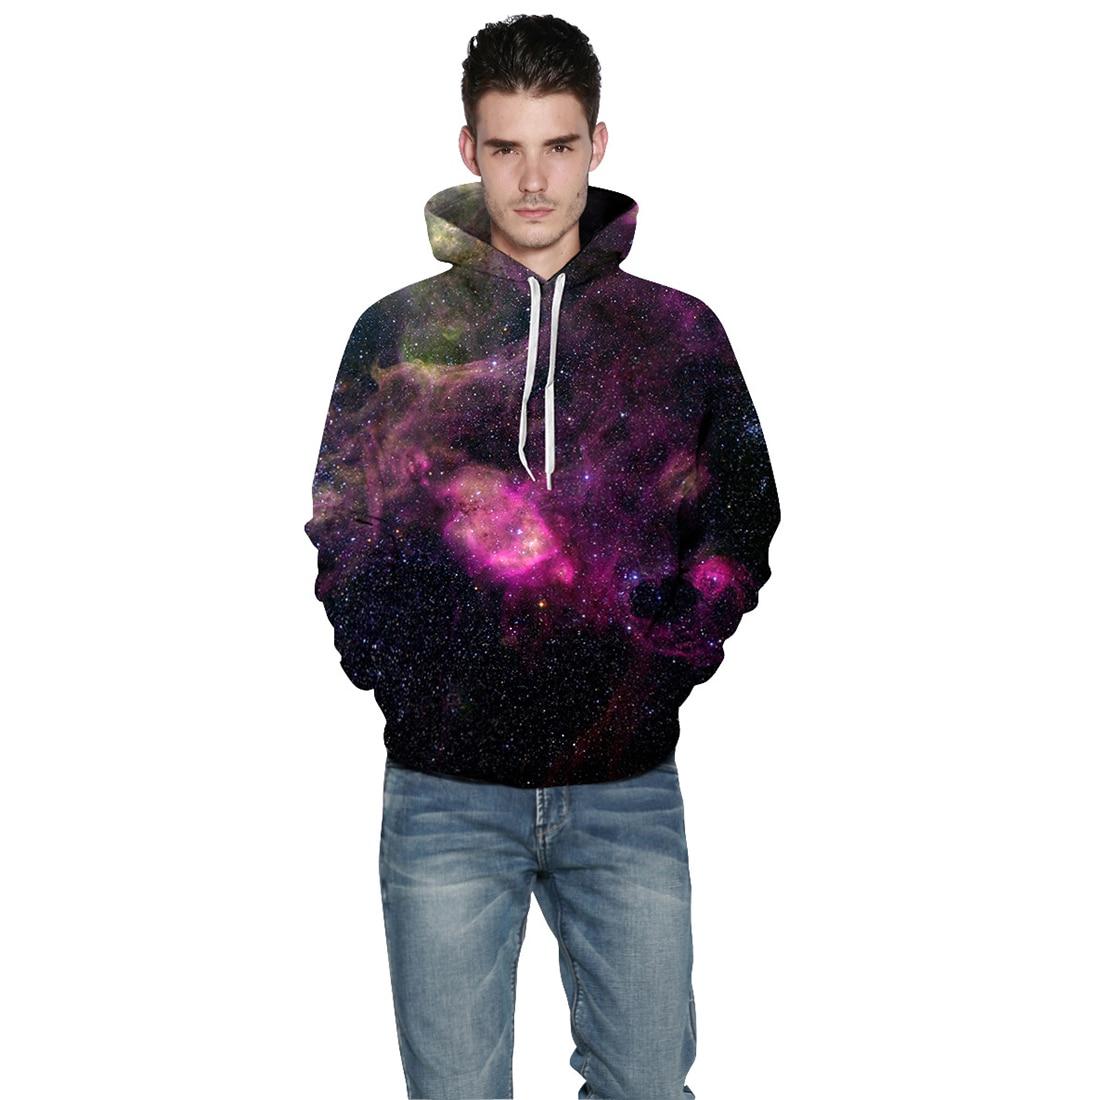 Men/Women New Hoodies Sweatshirts Hooded 3D Purple nebula Printed Casual Loose Thin Hoody Pullovers